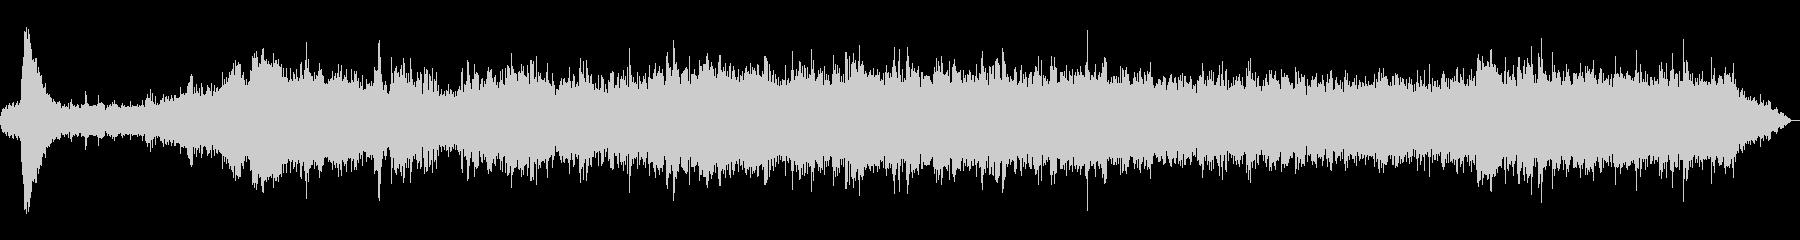 箱根登山鉄道 発車時の車内の未再生の波形